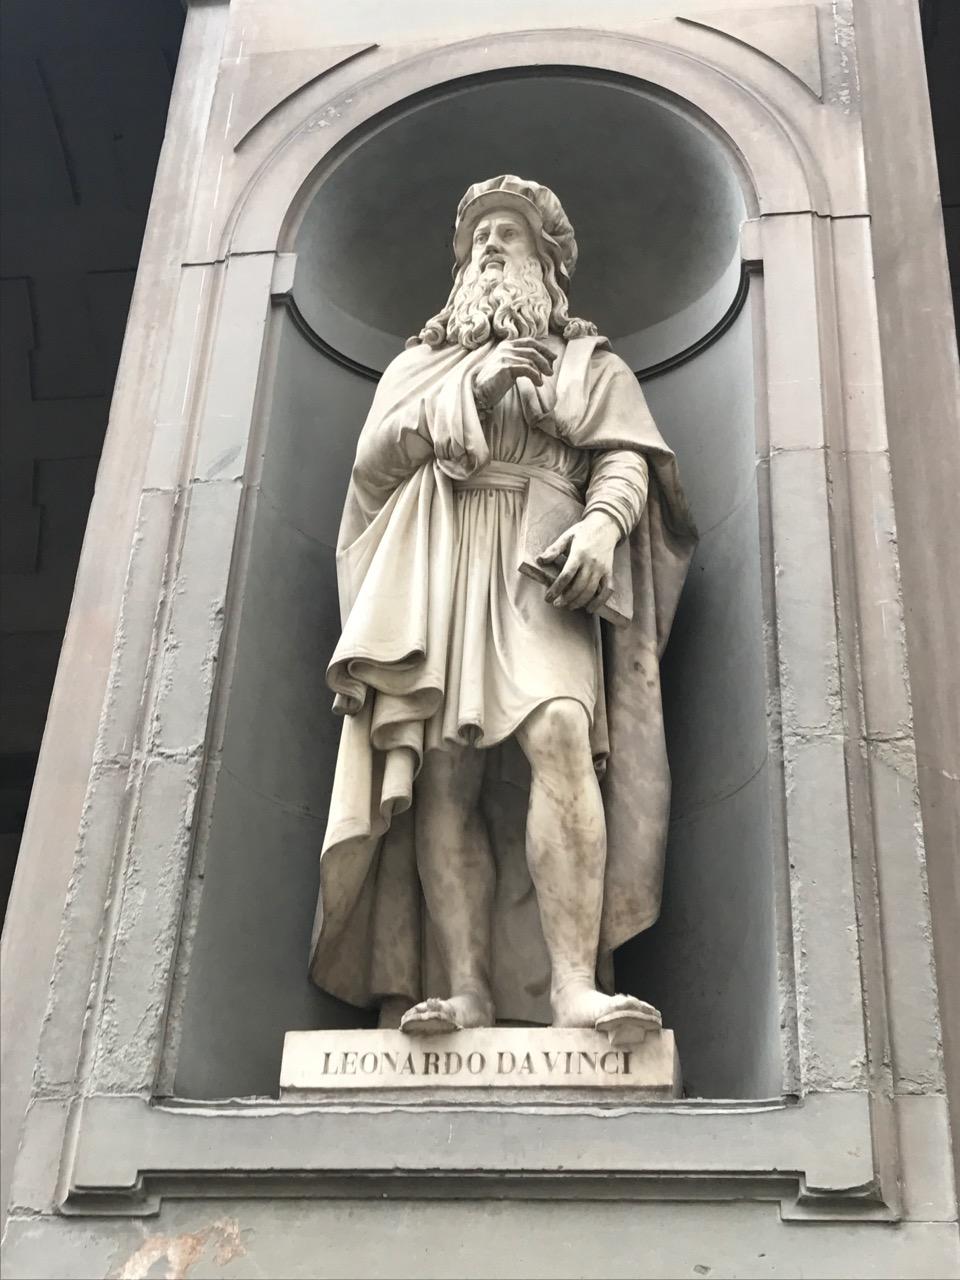 Outside of the Uffizi Museum